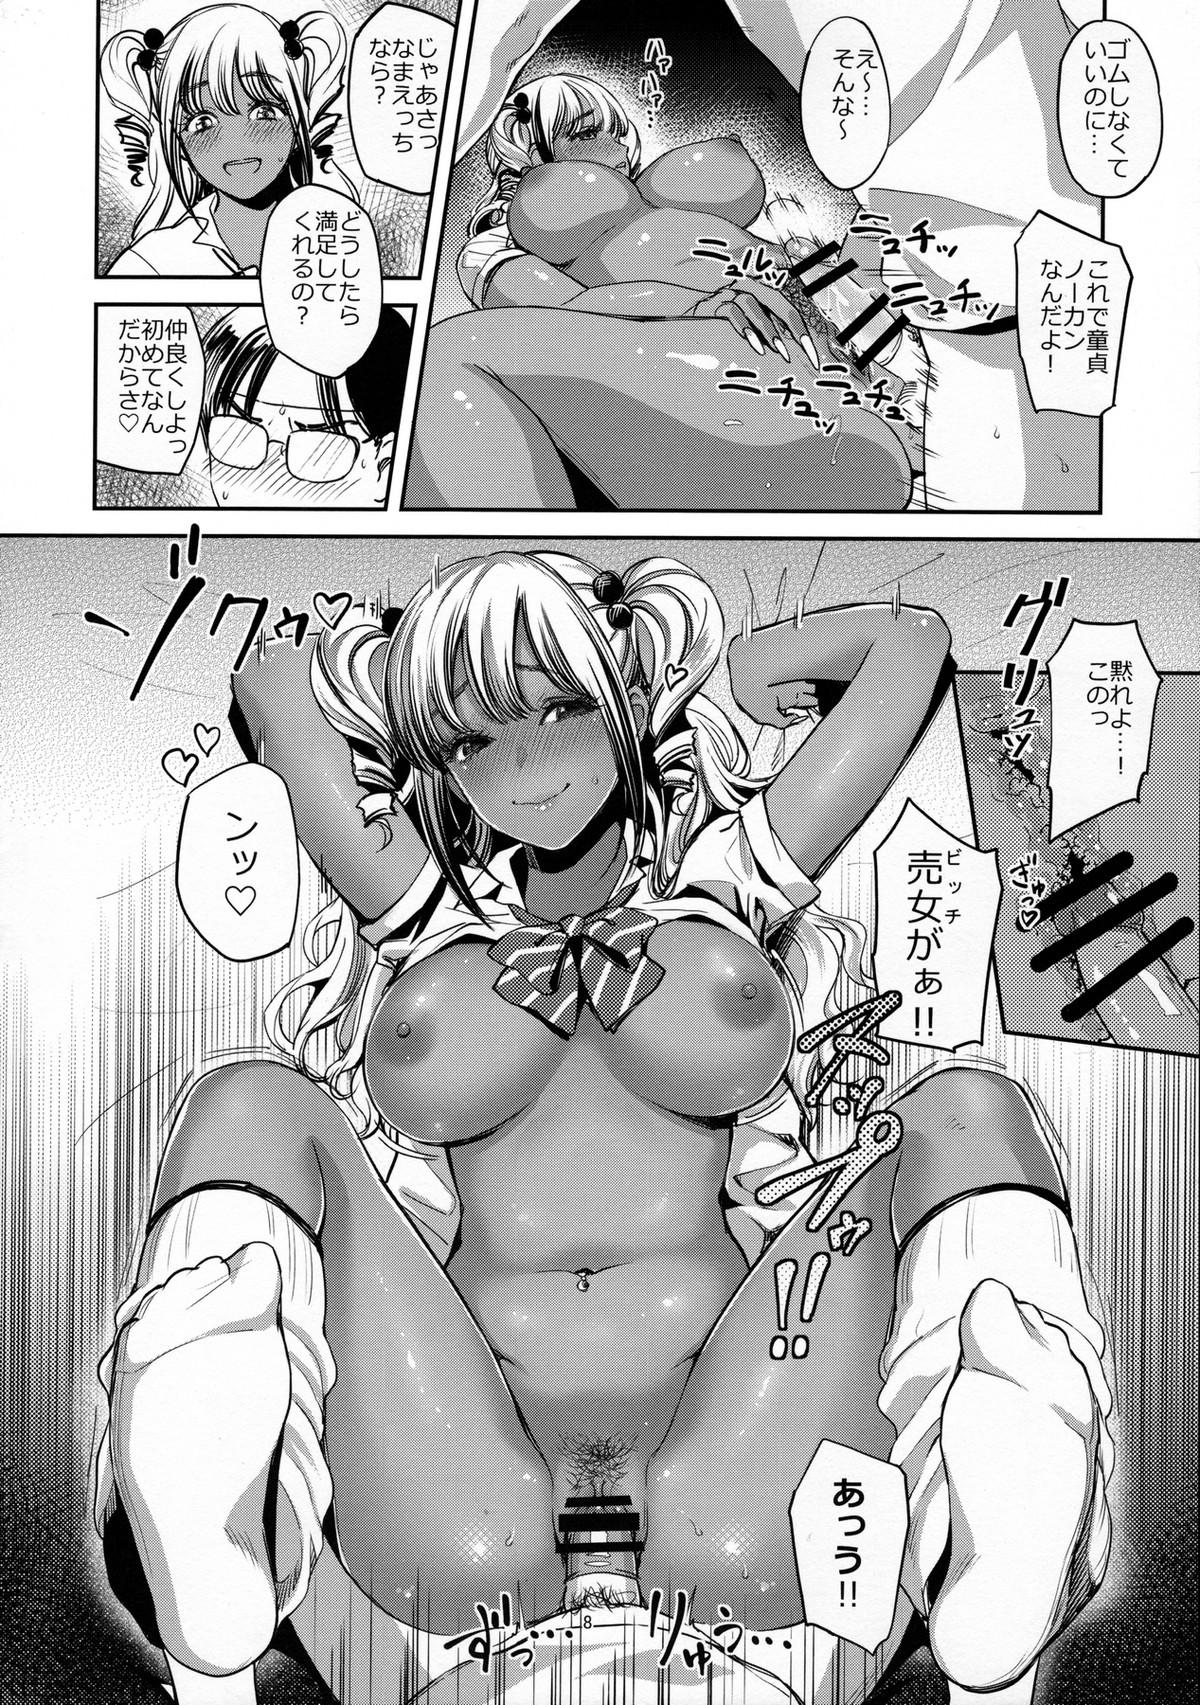 【エロ漫画・エロ同人誌】ビッチな巨乳ギャルがクラスメイトのアニオタ童貞を誘惑してるwww (11)